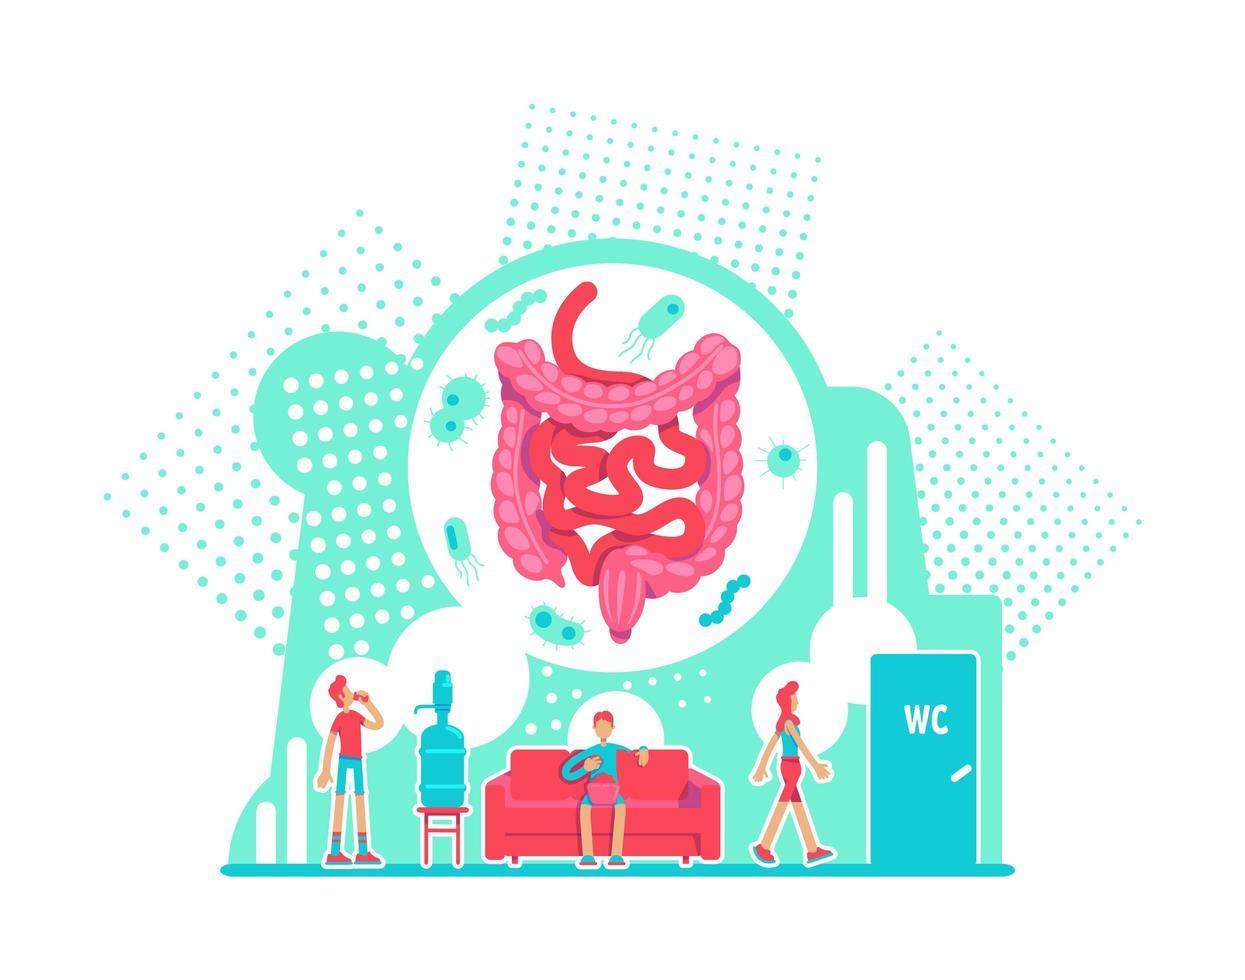 soins de santé du système digestif vecteur